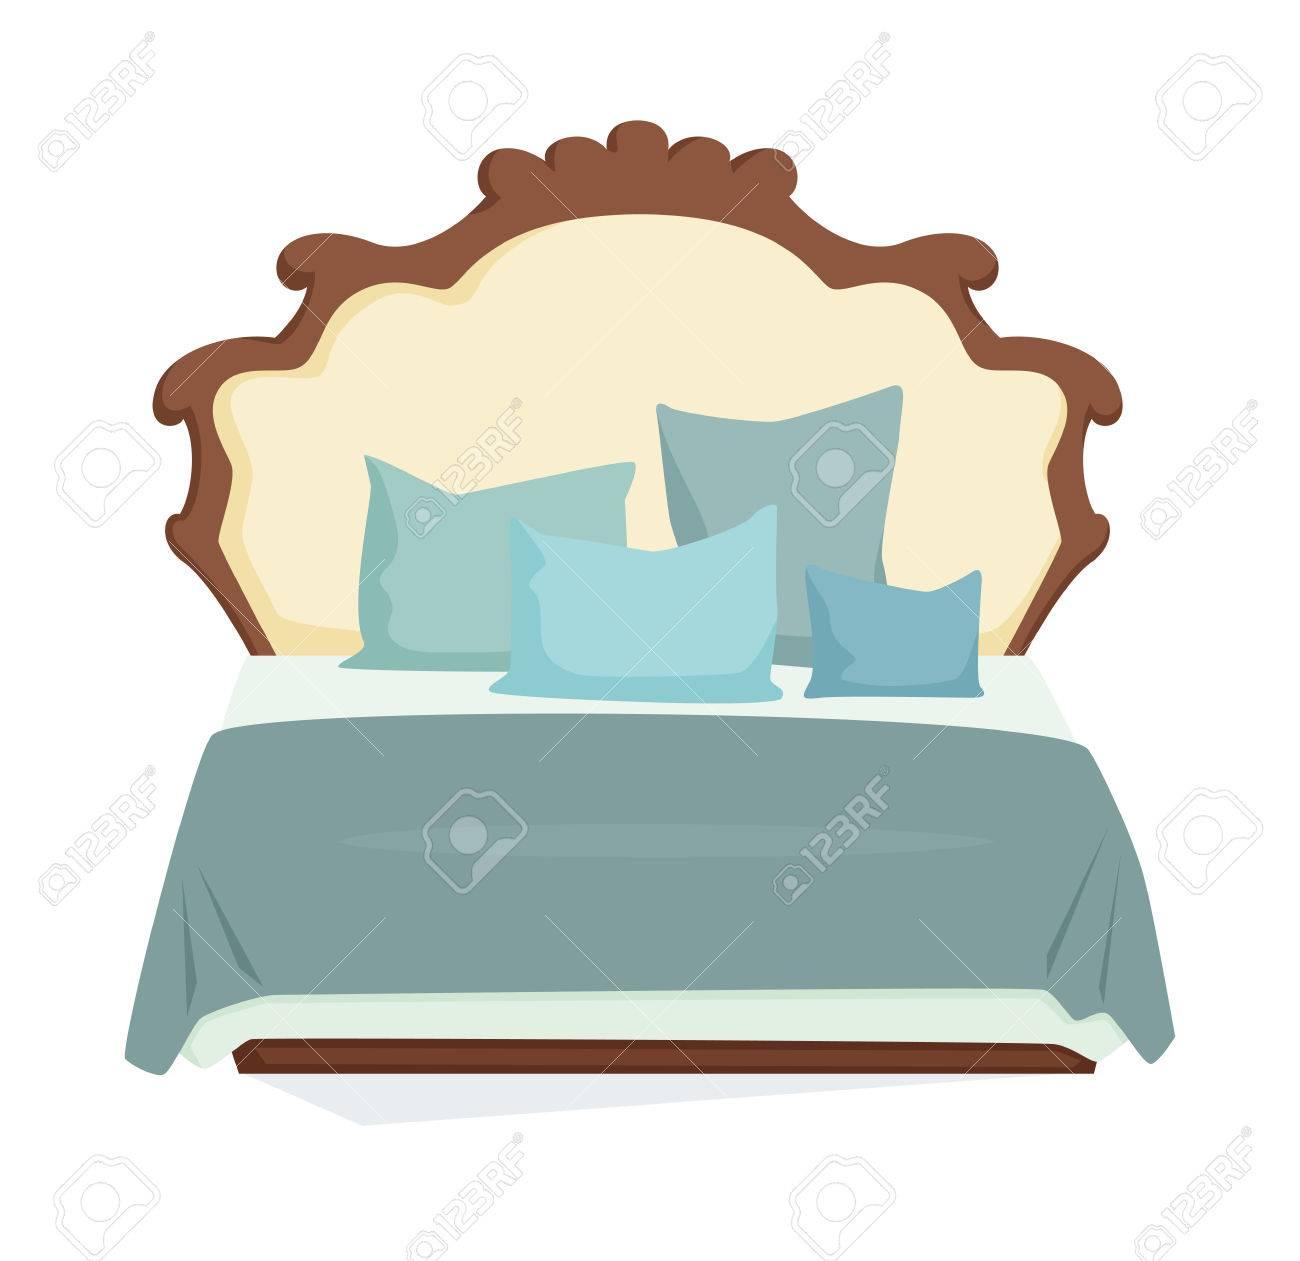 Cama Doble Y Una Almohada Con Una Manta En Estilo Clásico ...